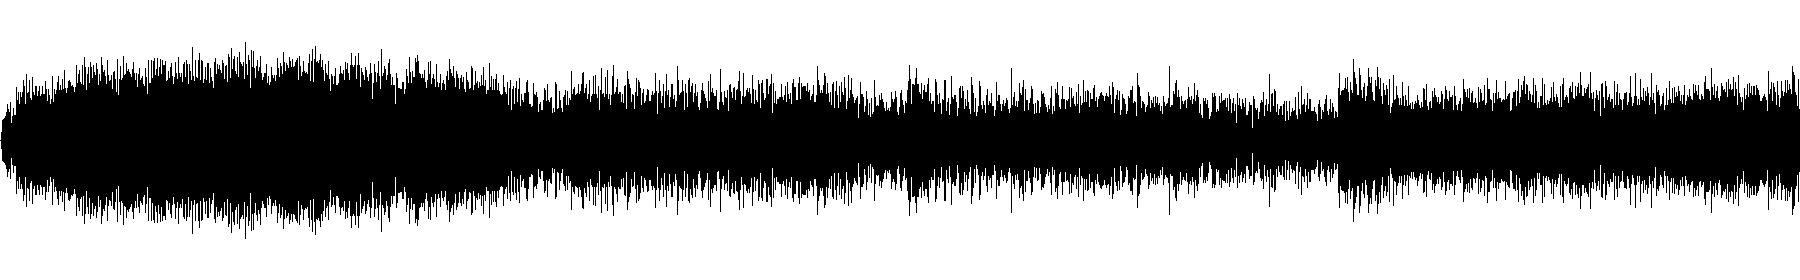 synth organ